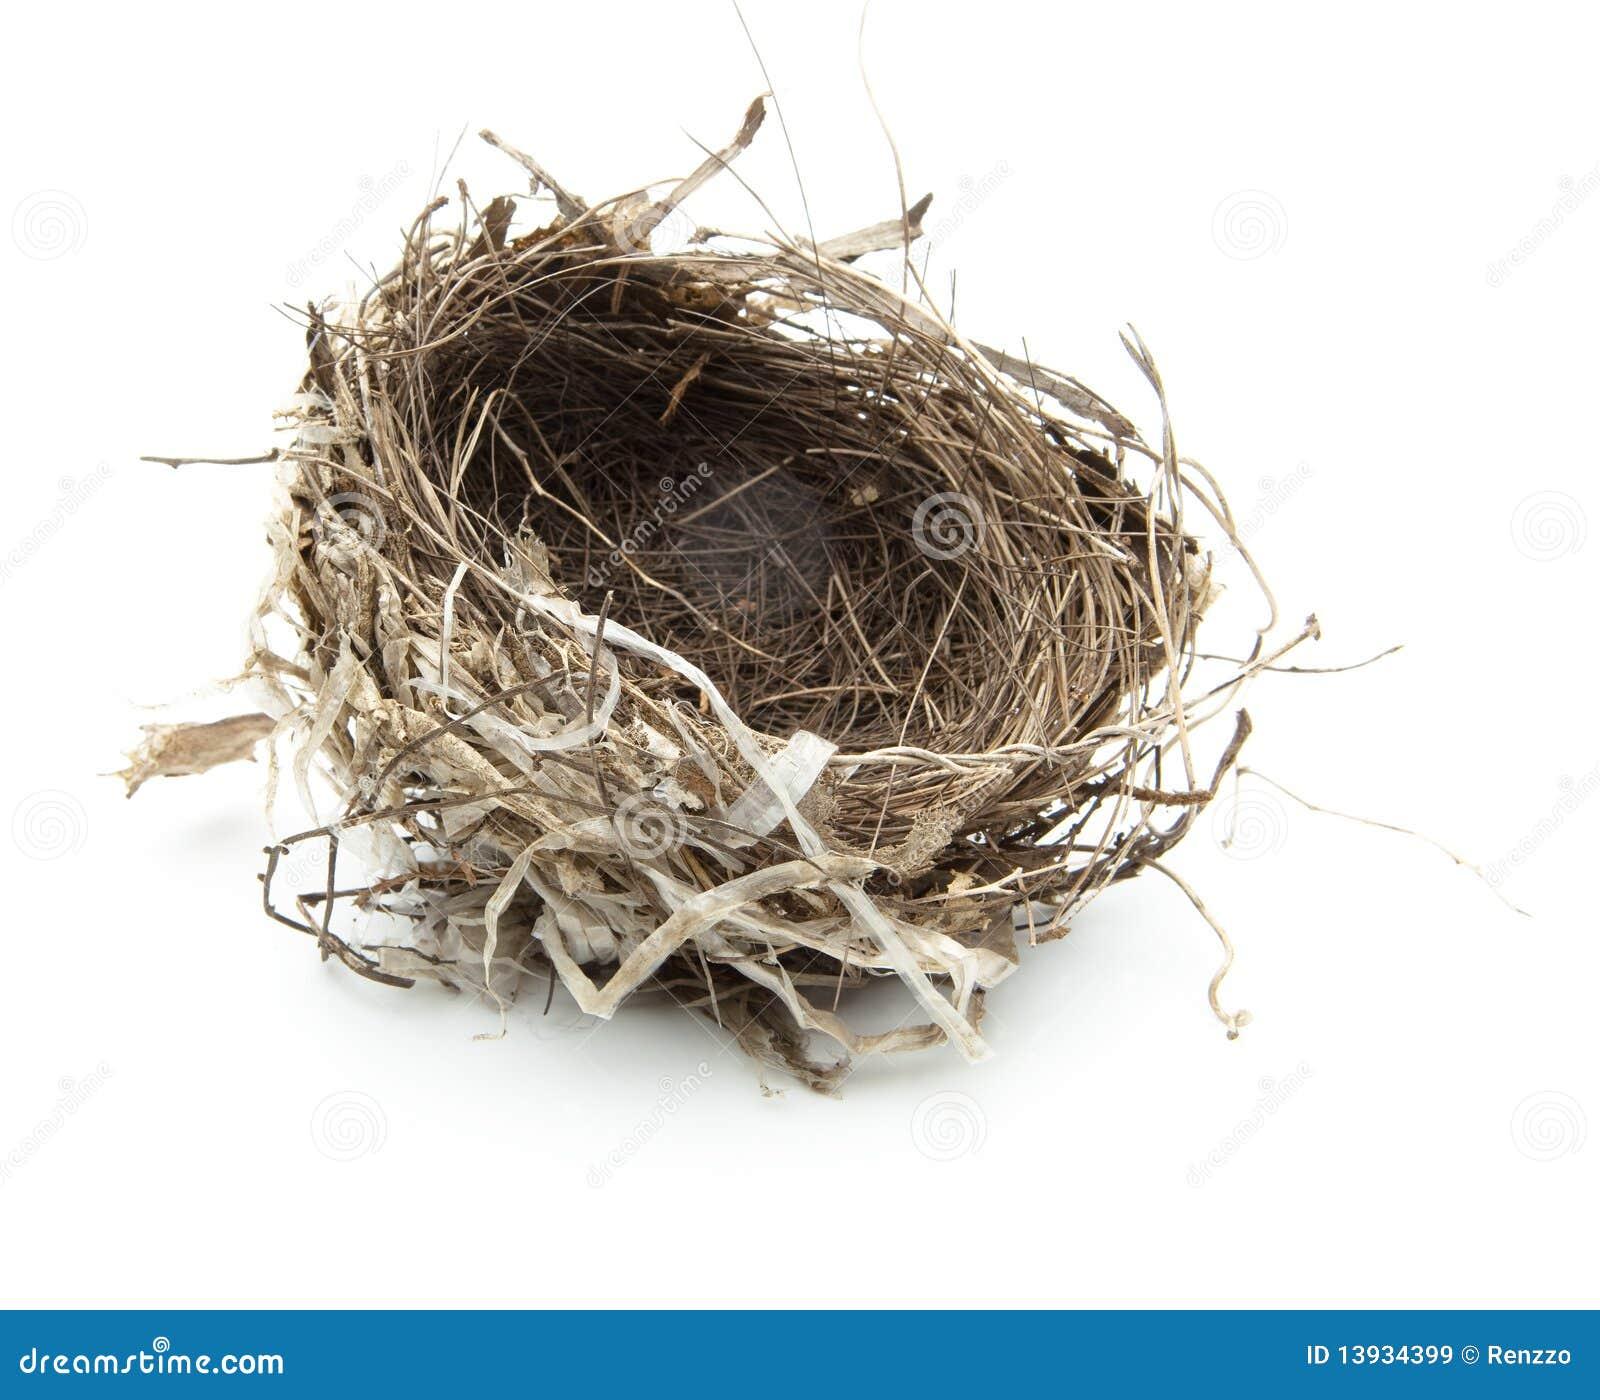 Birds nest isolated on white.